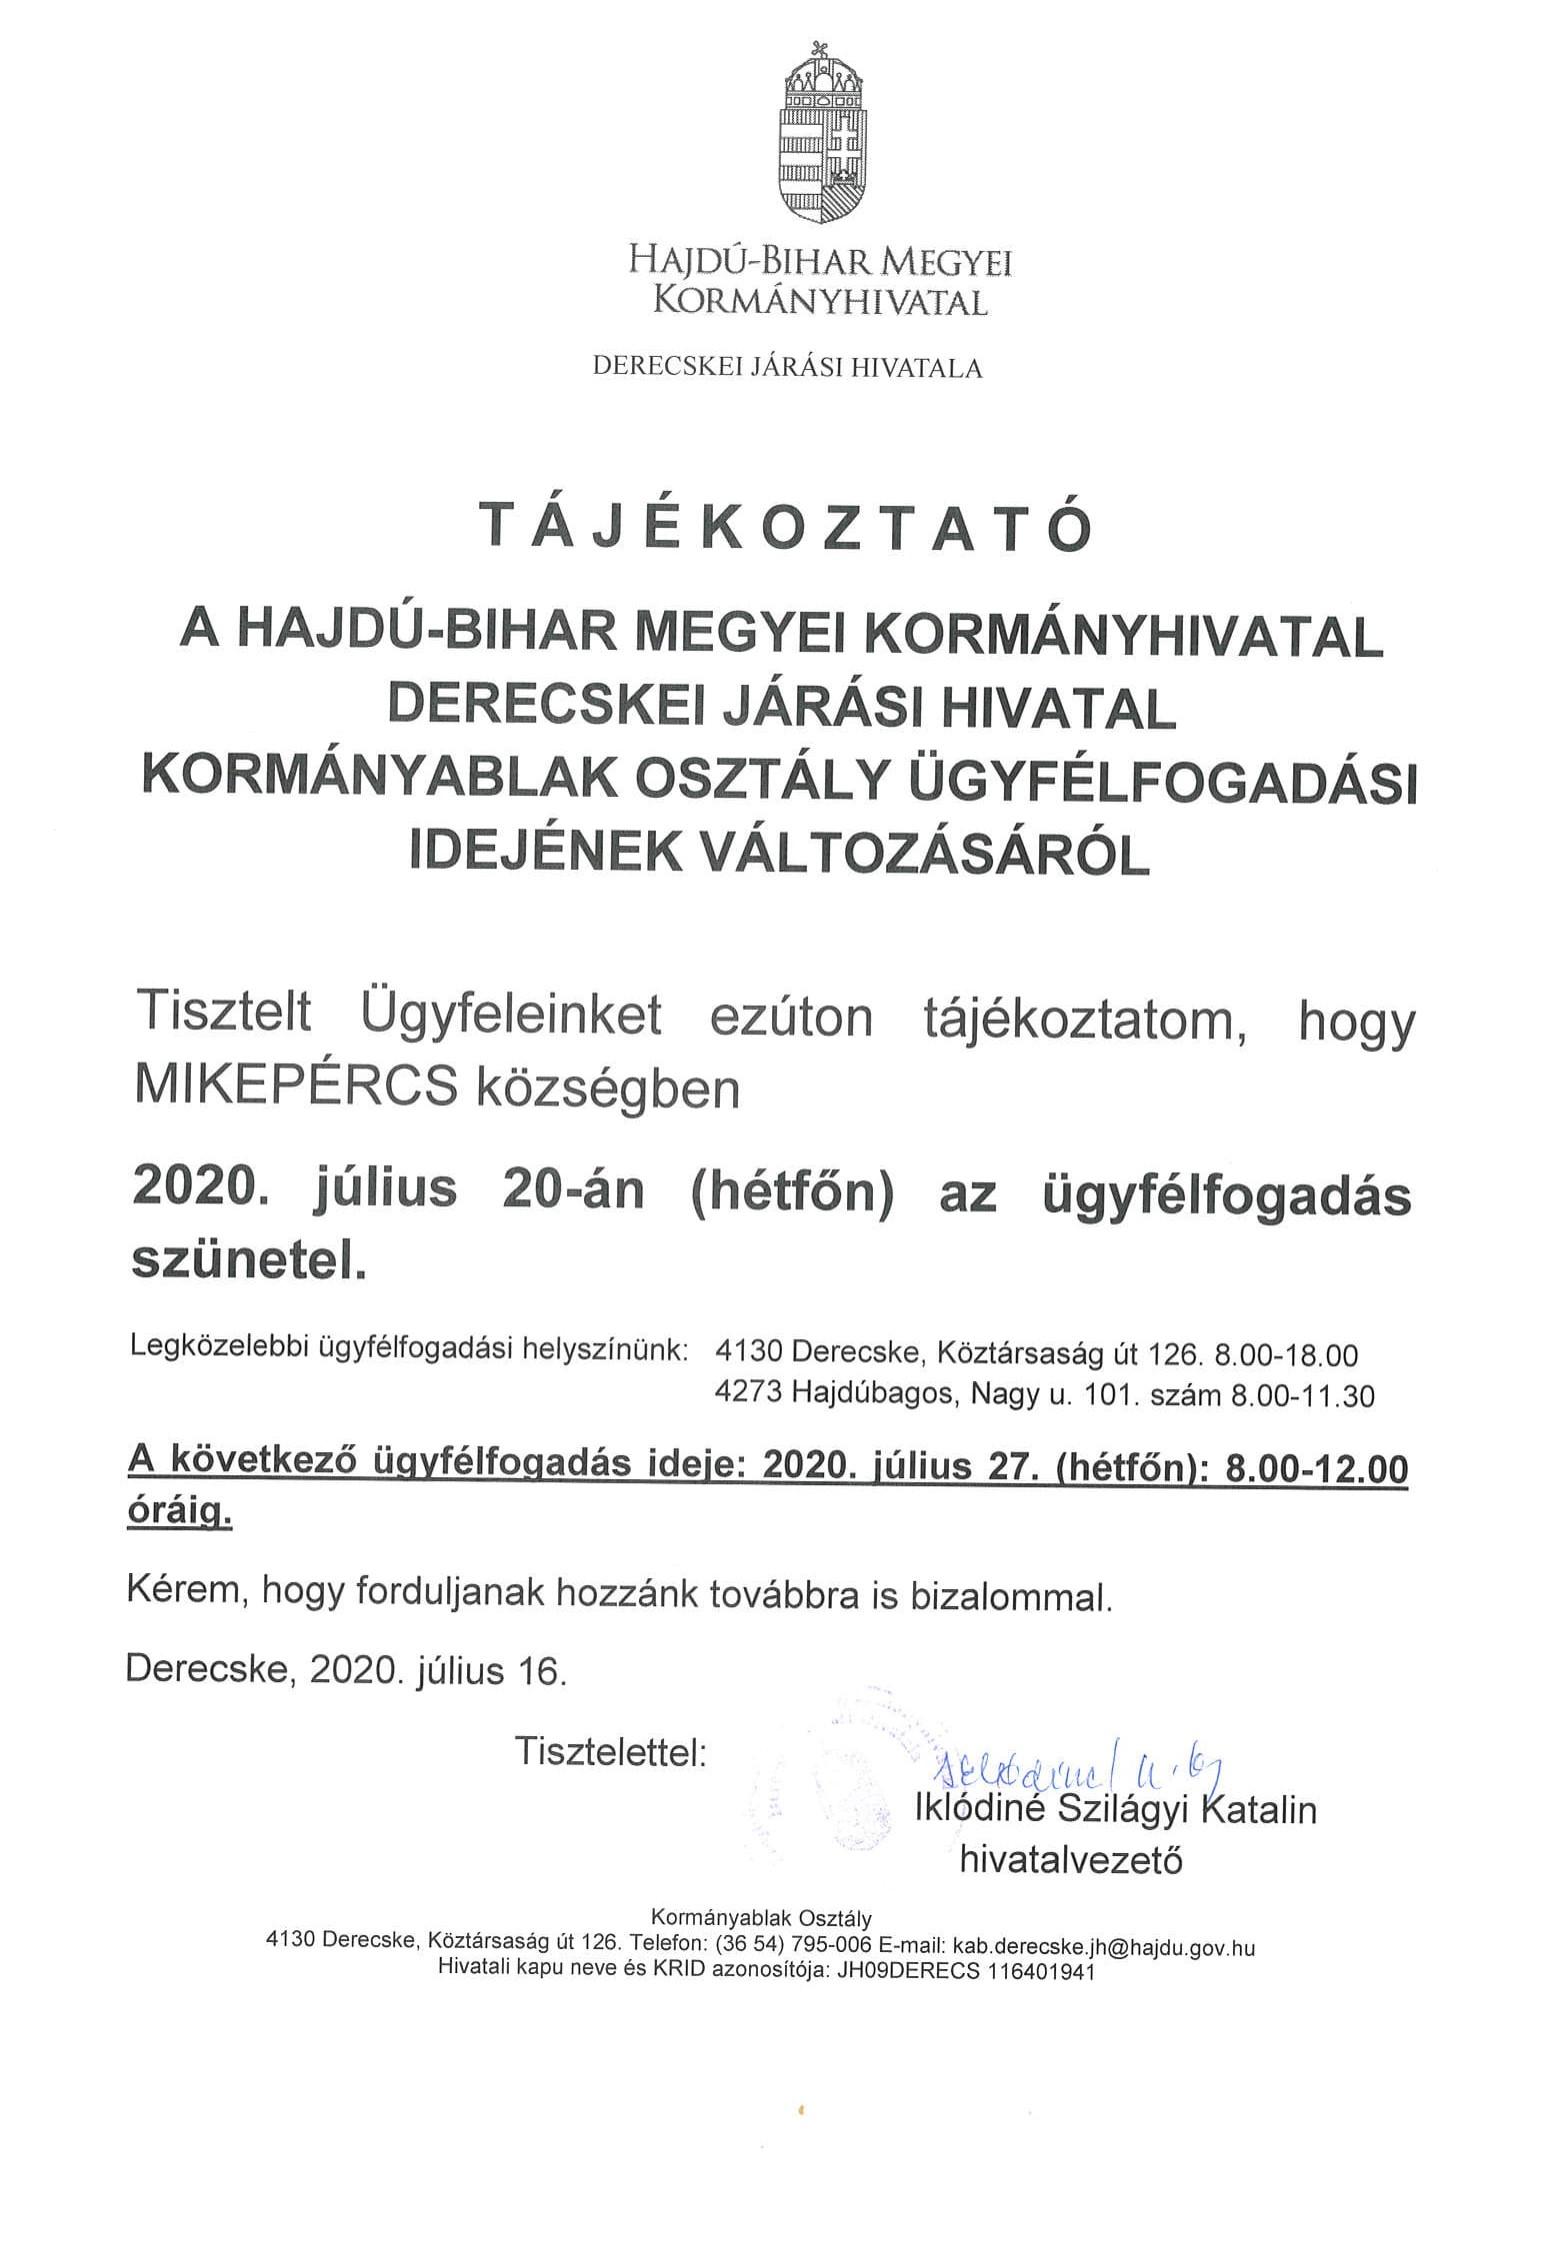 Tájékoztatás a Derecskei Járási Hivatal ügyfélfogadásának szüneteltetéséről Mikepércsen 07. 20-án